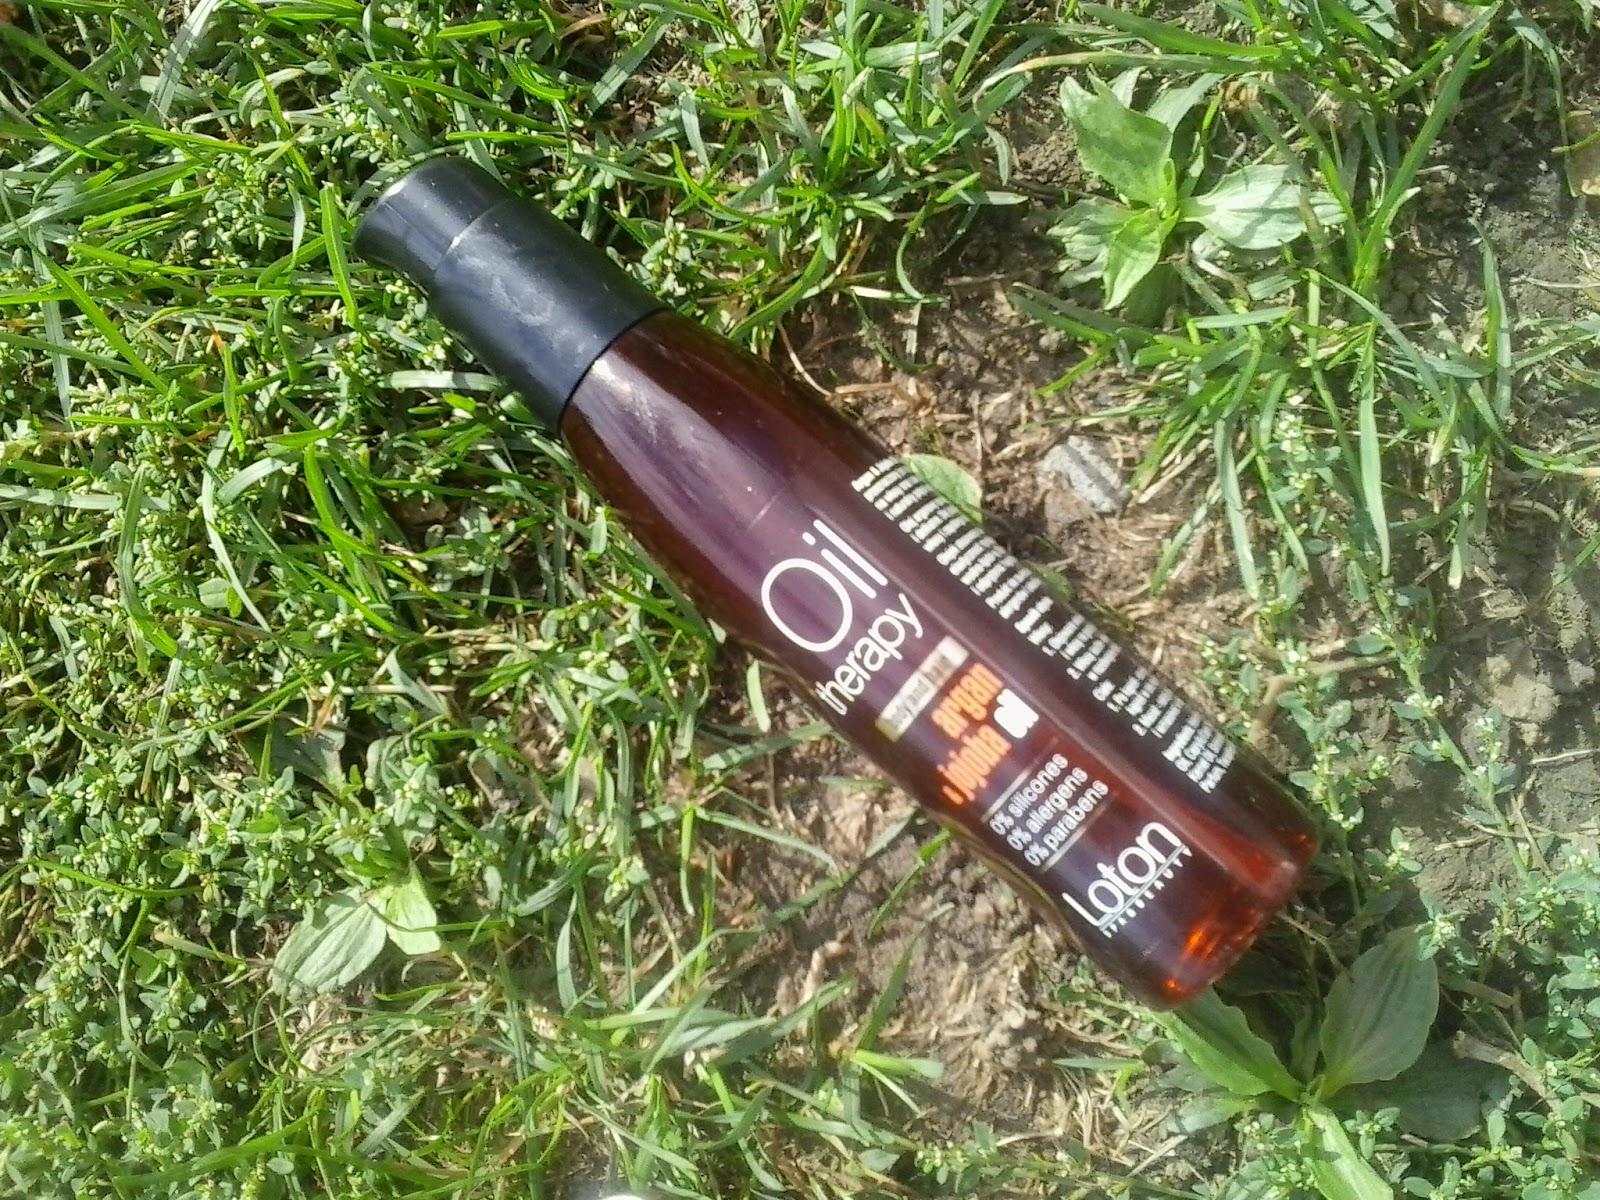 Loton, Spa & Beauty, olejek do ciała i włosów, Argan & Jojoba Oil